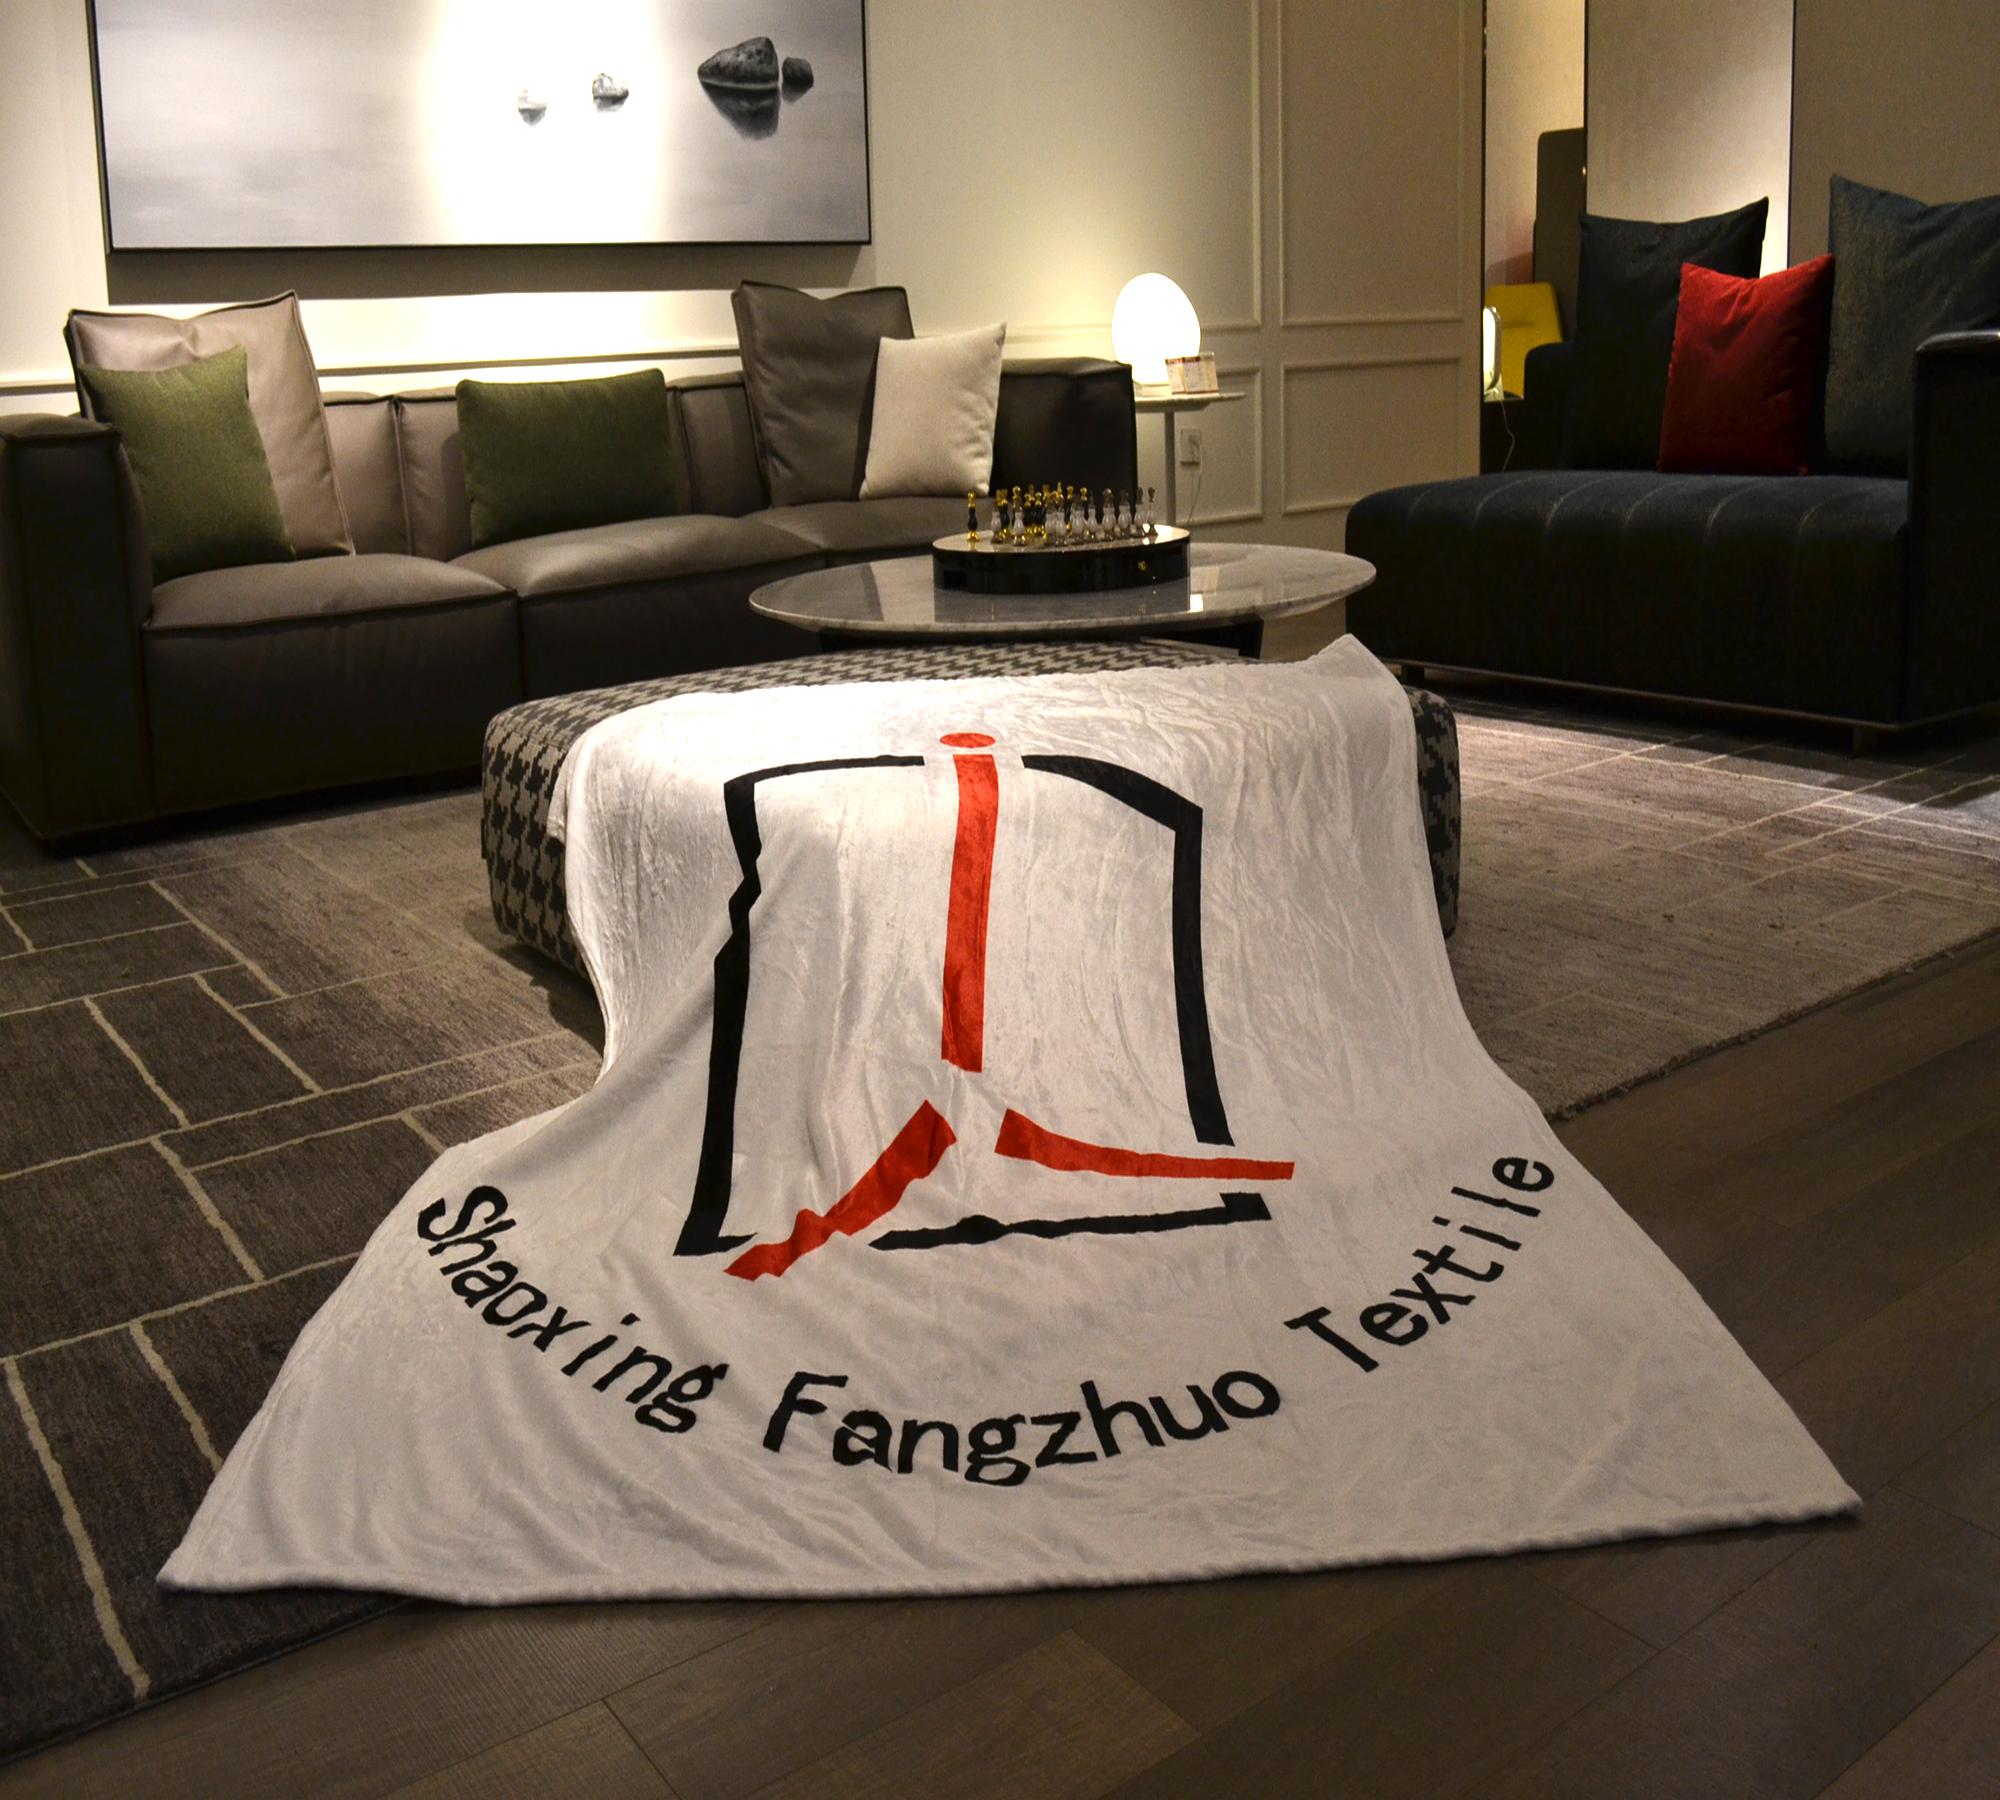 fangzhuo blanket